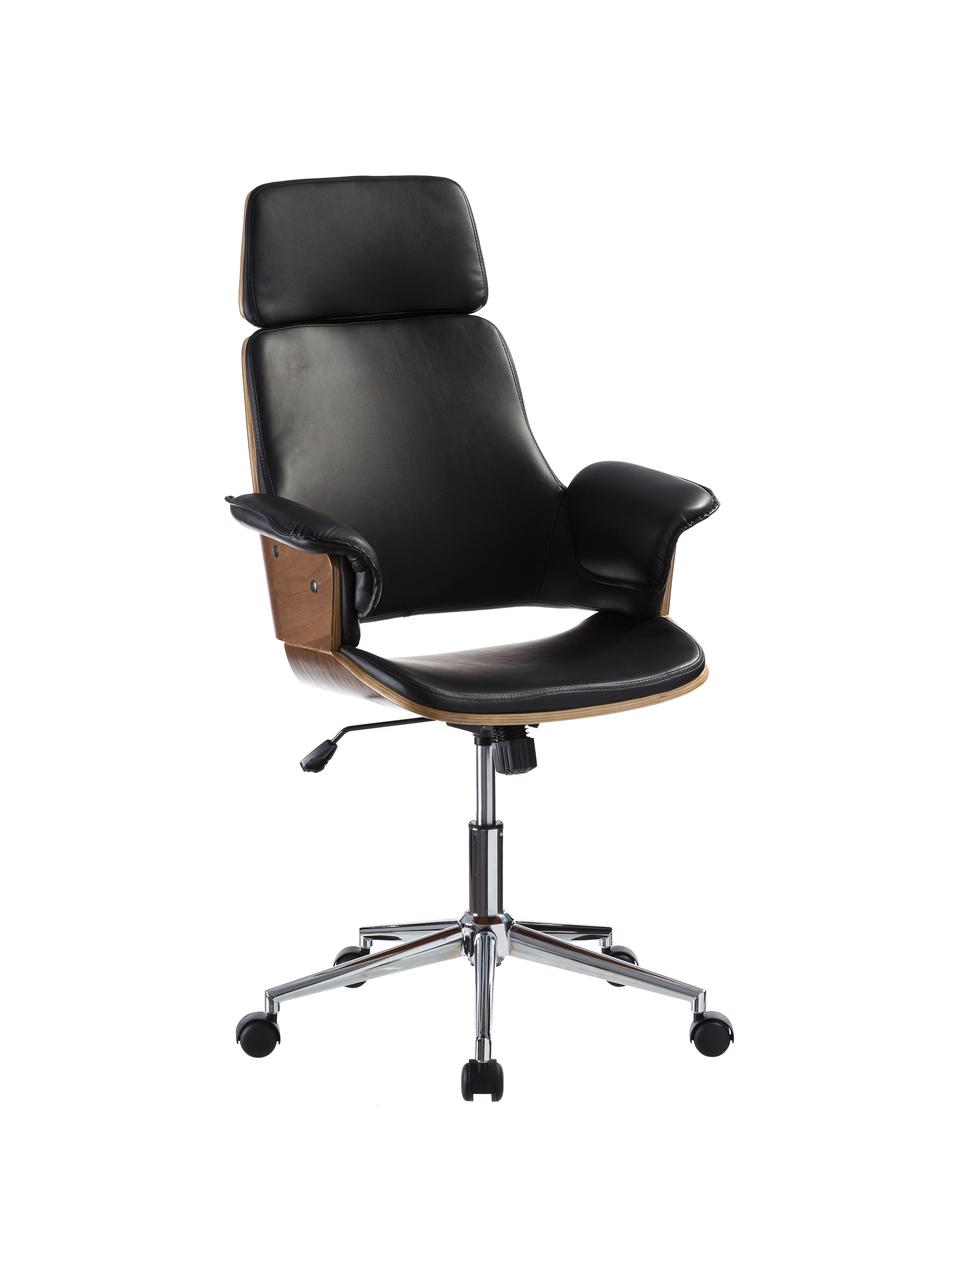 Biurowe krzesło obrotowe ze sztucznej skóryWheels, Tapicerka: sztuczna skóra, Nogi: stal szlachetna, Czarny, S 68 x G 64 cm